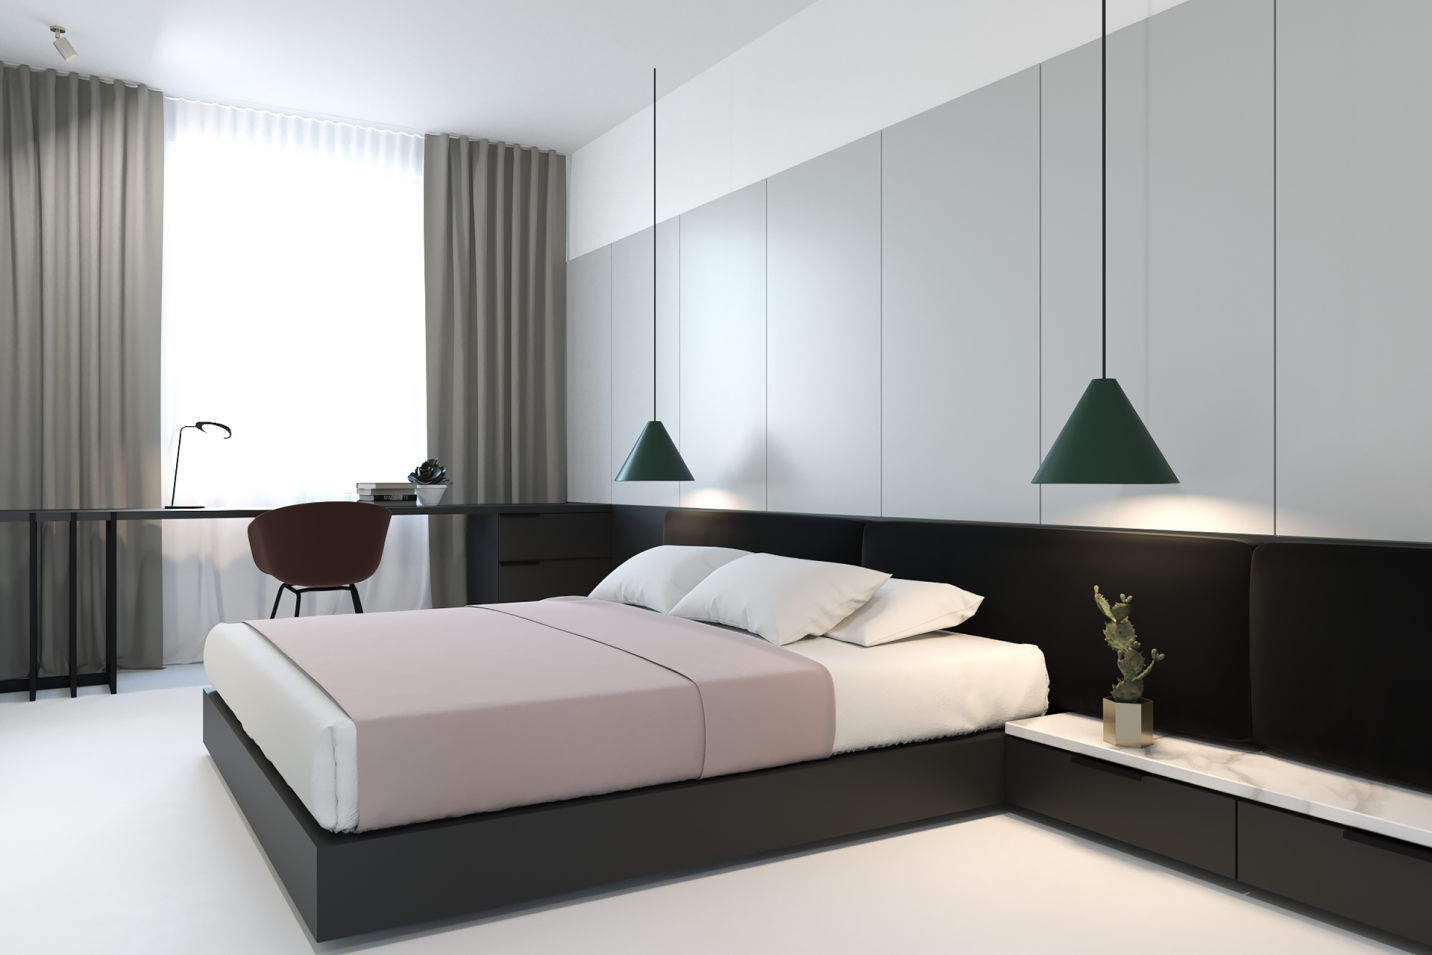 Nội thất phòng ngủ hiện đại đơn giản 2